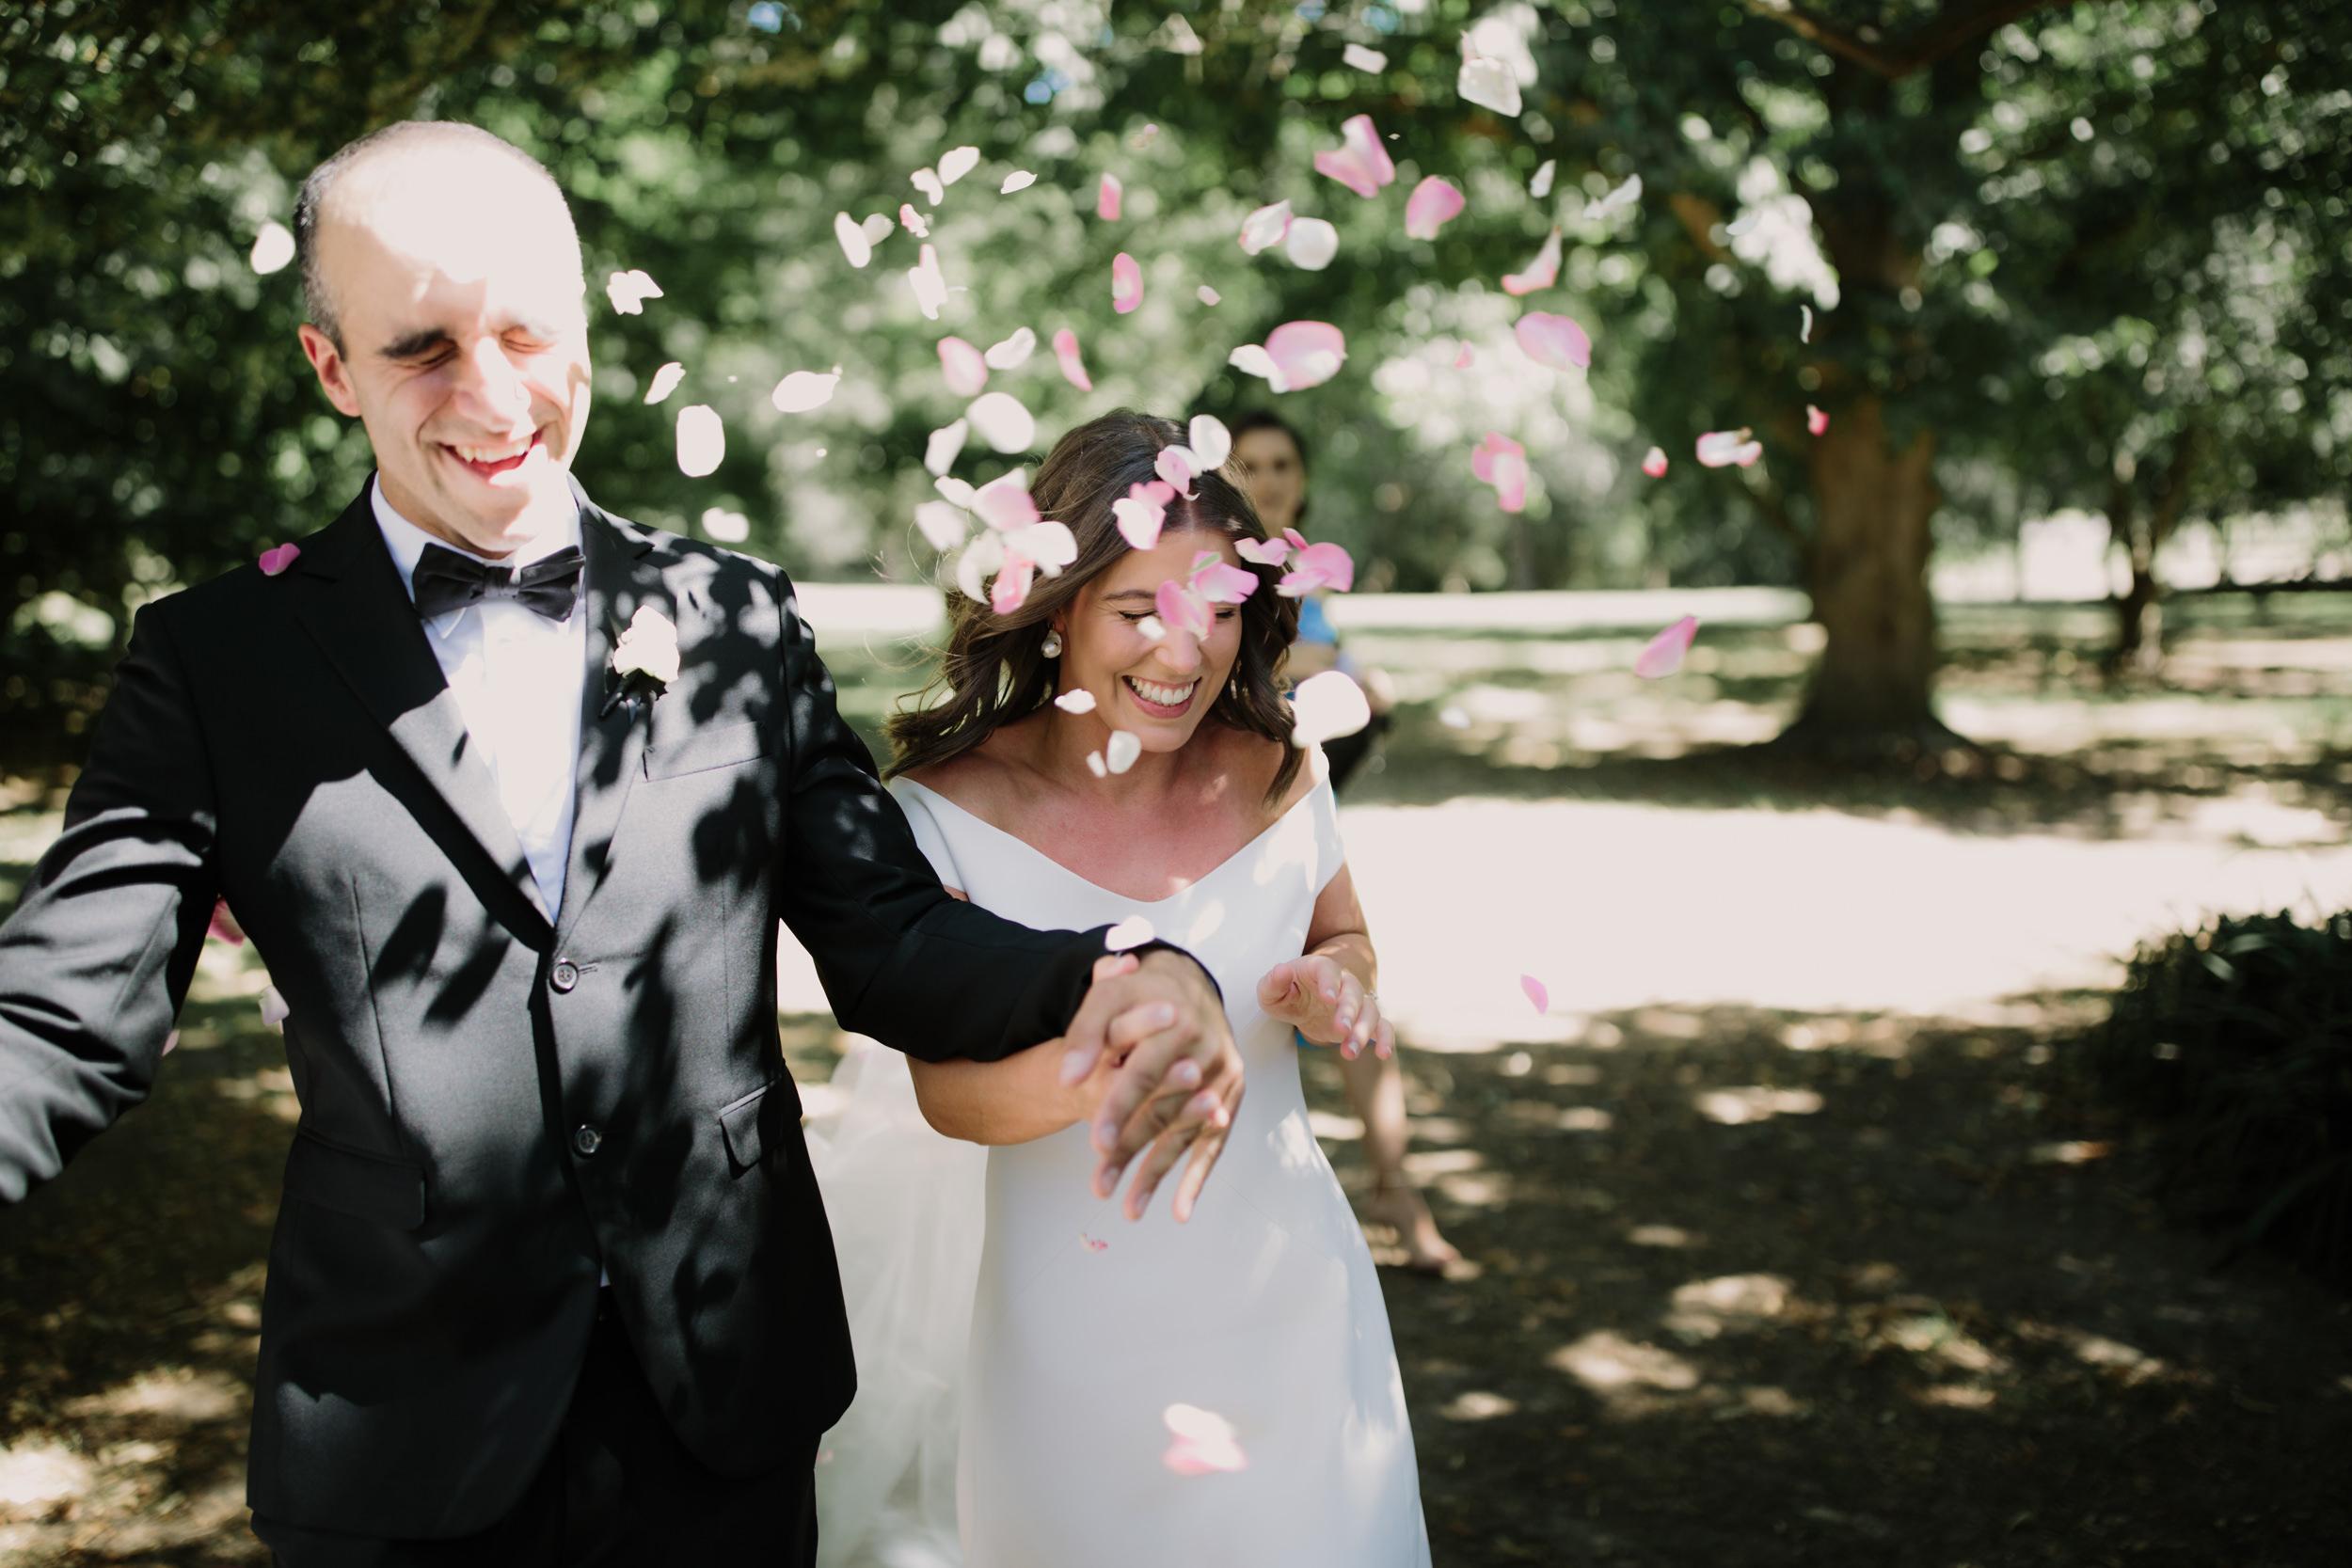 I-Got-You-Babe-Weddings-Flo-Jez-Heide-Boyd-Robyn0053.JPG